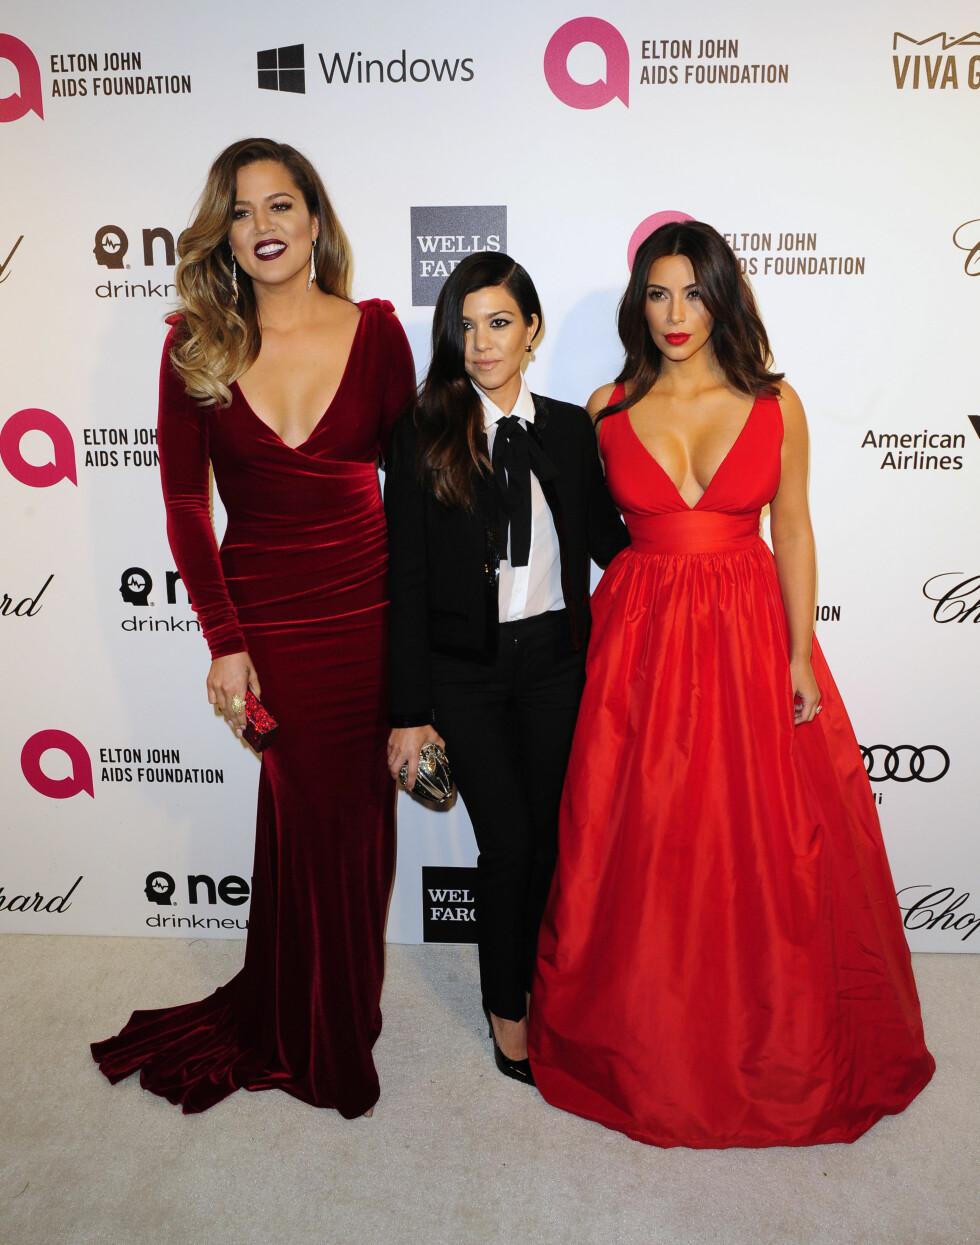 FLOTTE SØSTRE: Khloé, Kourtney og Kim Kardashian poserte sammen på Elton Johns AIDS Foundation-fest i forbindelse med Oscar-utdelingen i 2014. Foto: NTB Scanpix